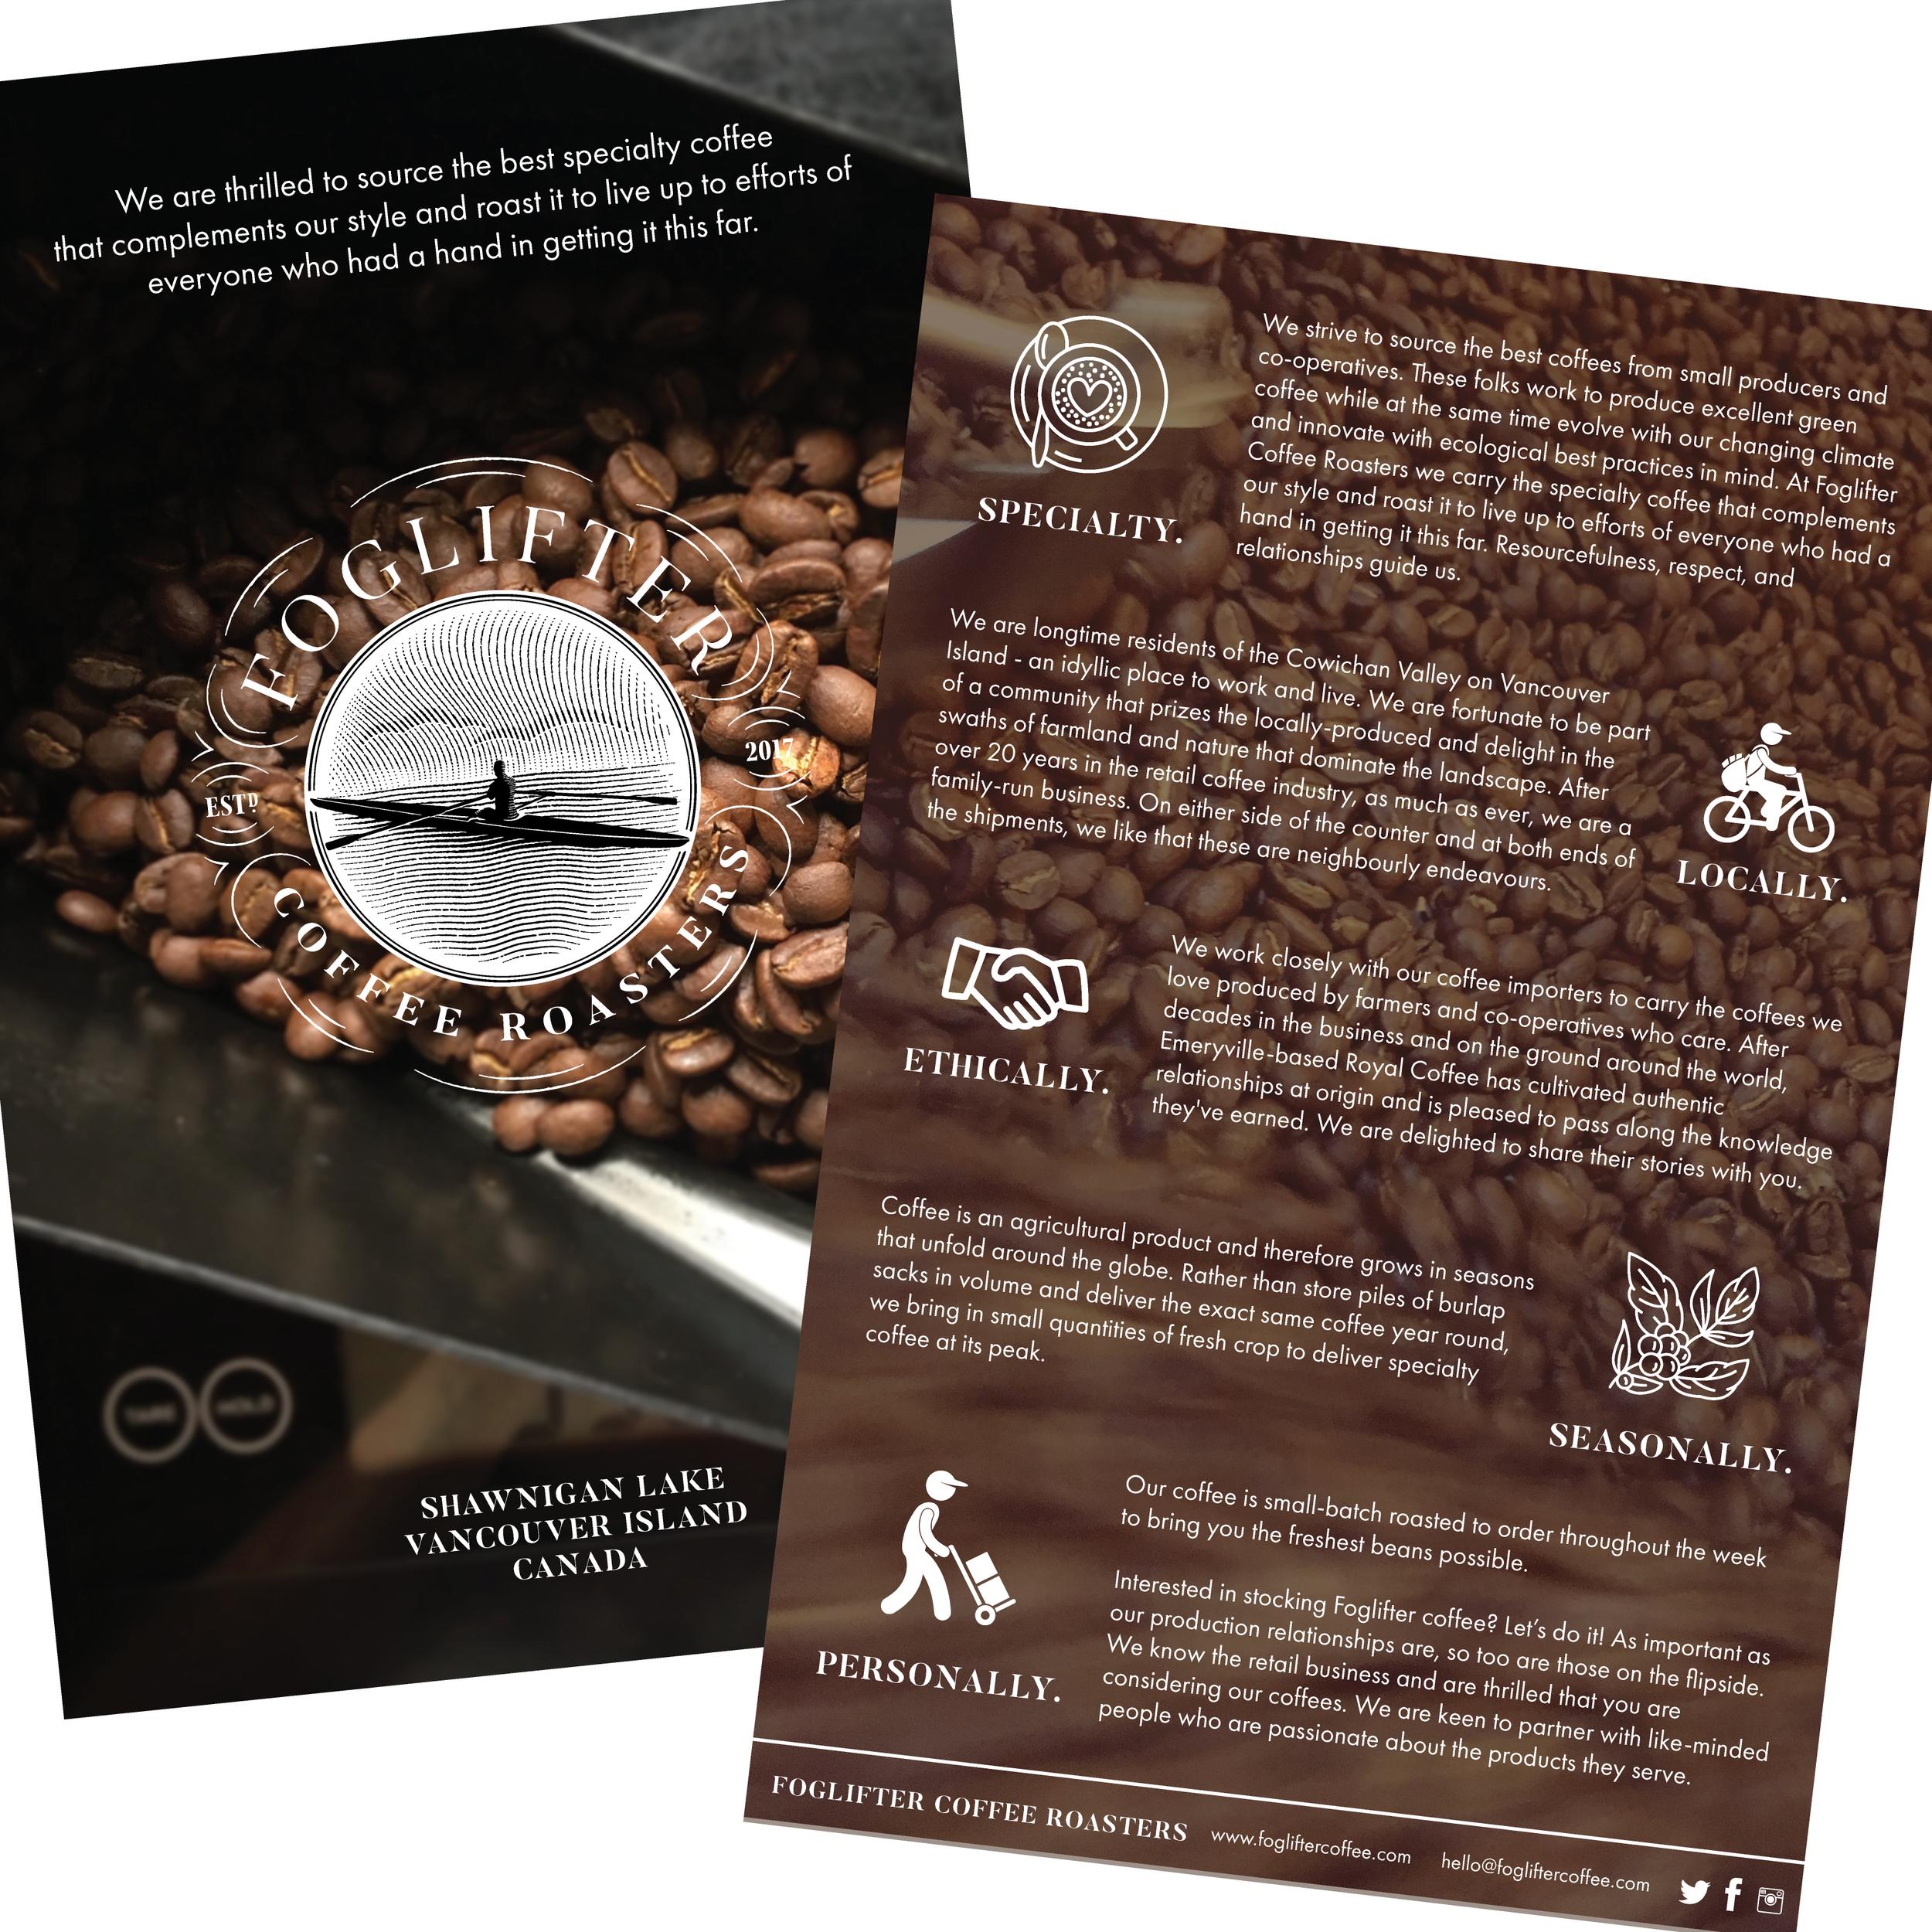 Foglifter Coffee Retailer highlight sheet